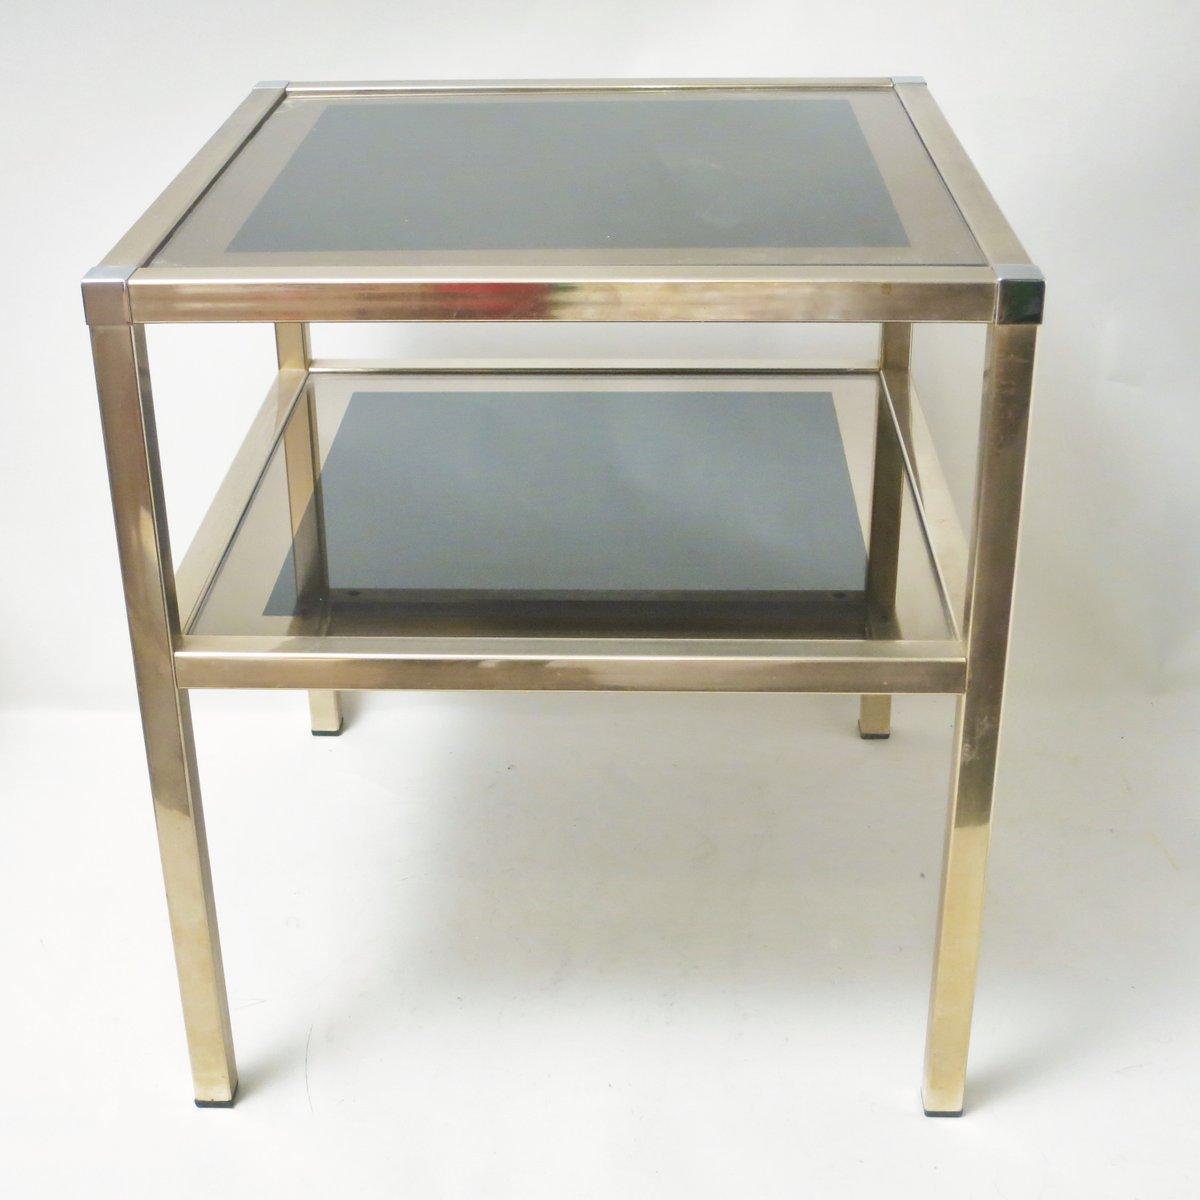 messing beistelltisch von maison charly fr res 1970er bei pamono kaufen. Black Bedroom Furniture Sets. Home Design Ideas